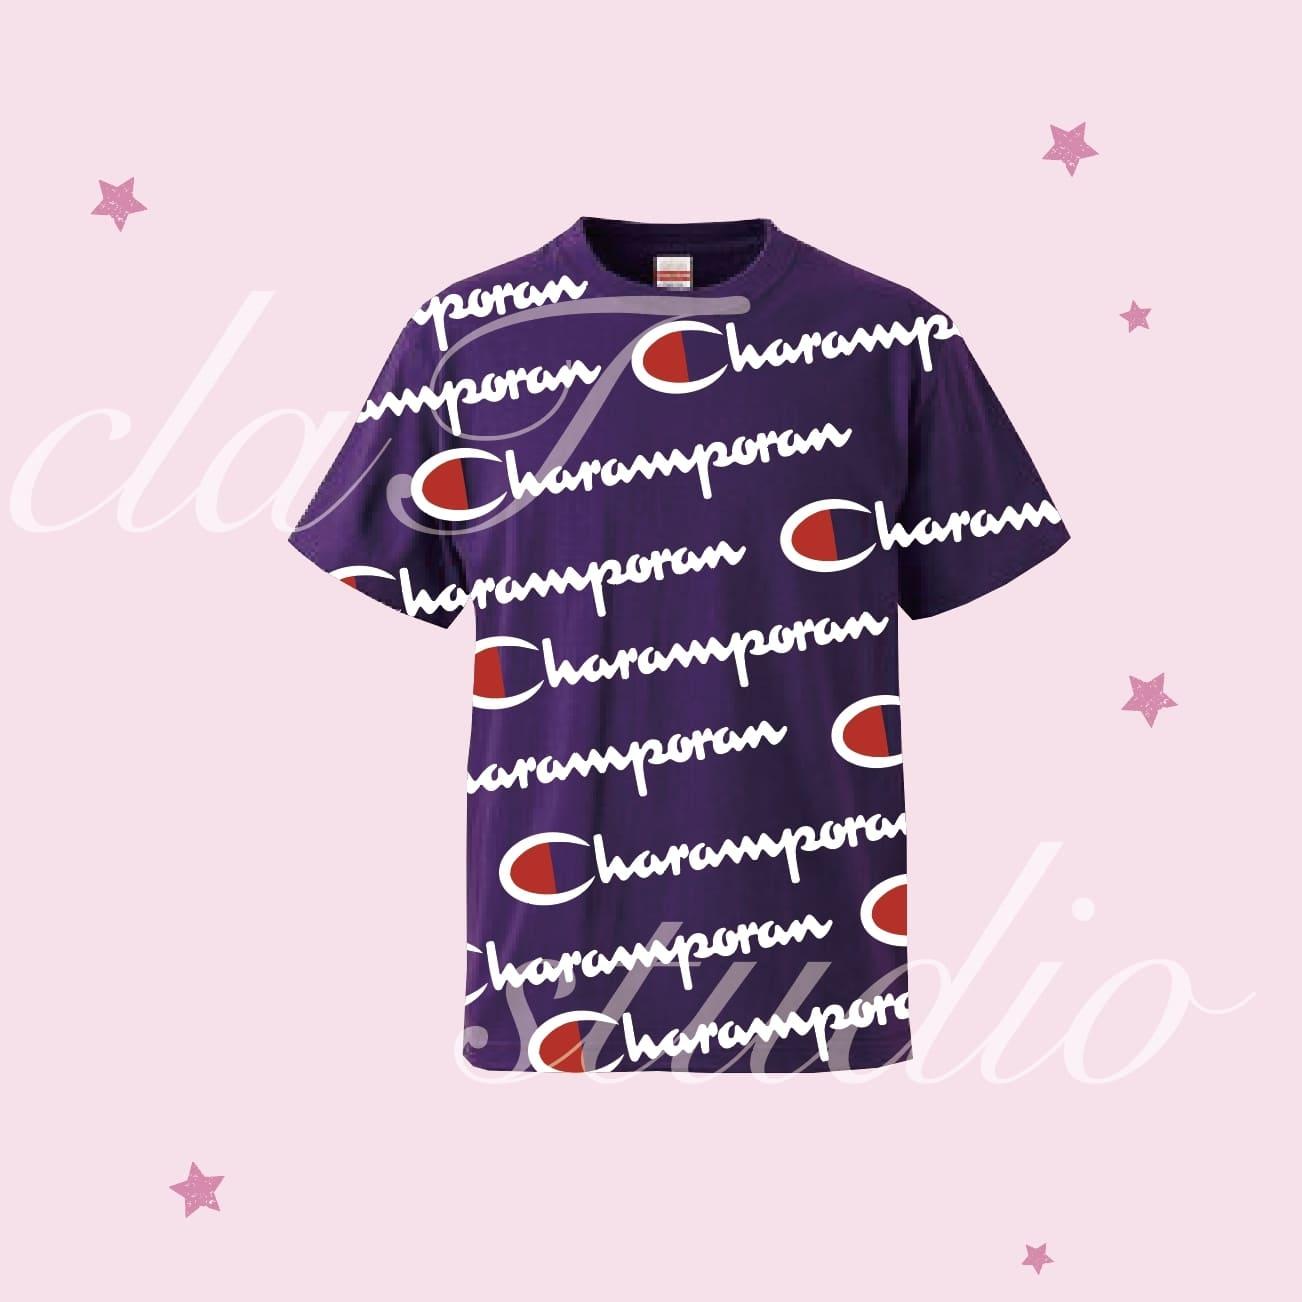 チャンピオン_design_0001